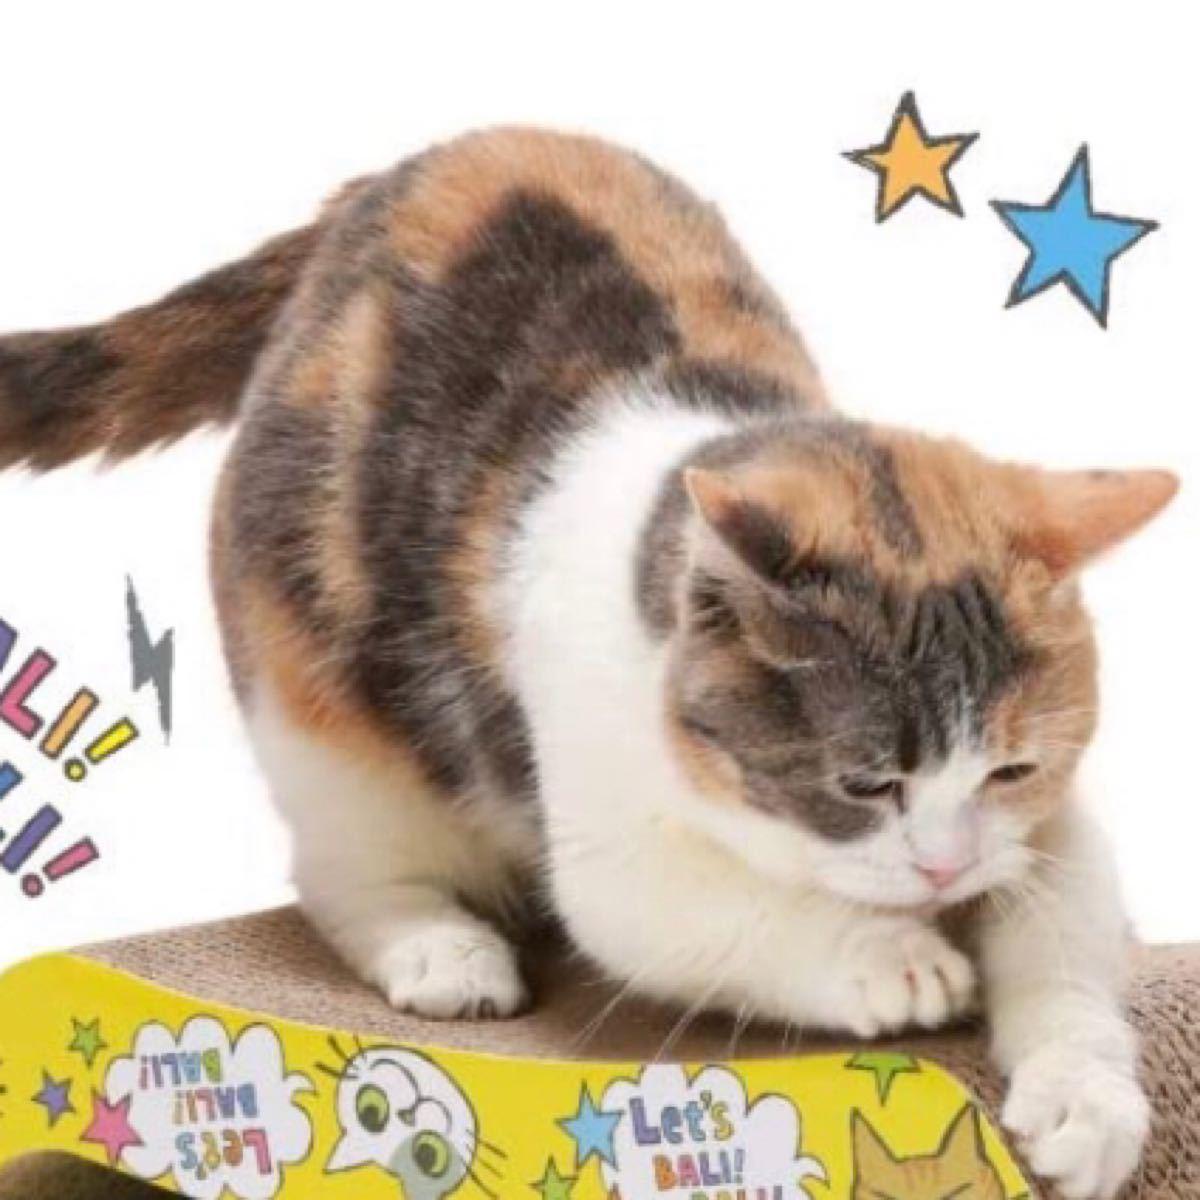 【2個セット】ベッド型設計 猫用爪とぎ 強化ダンボール 高密度 耐久 運動不足 ストレス解消